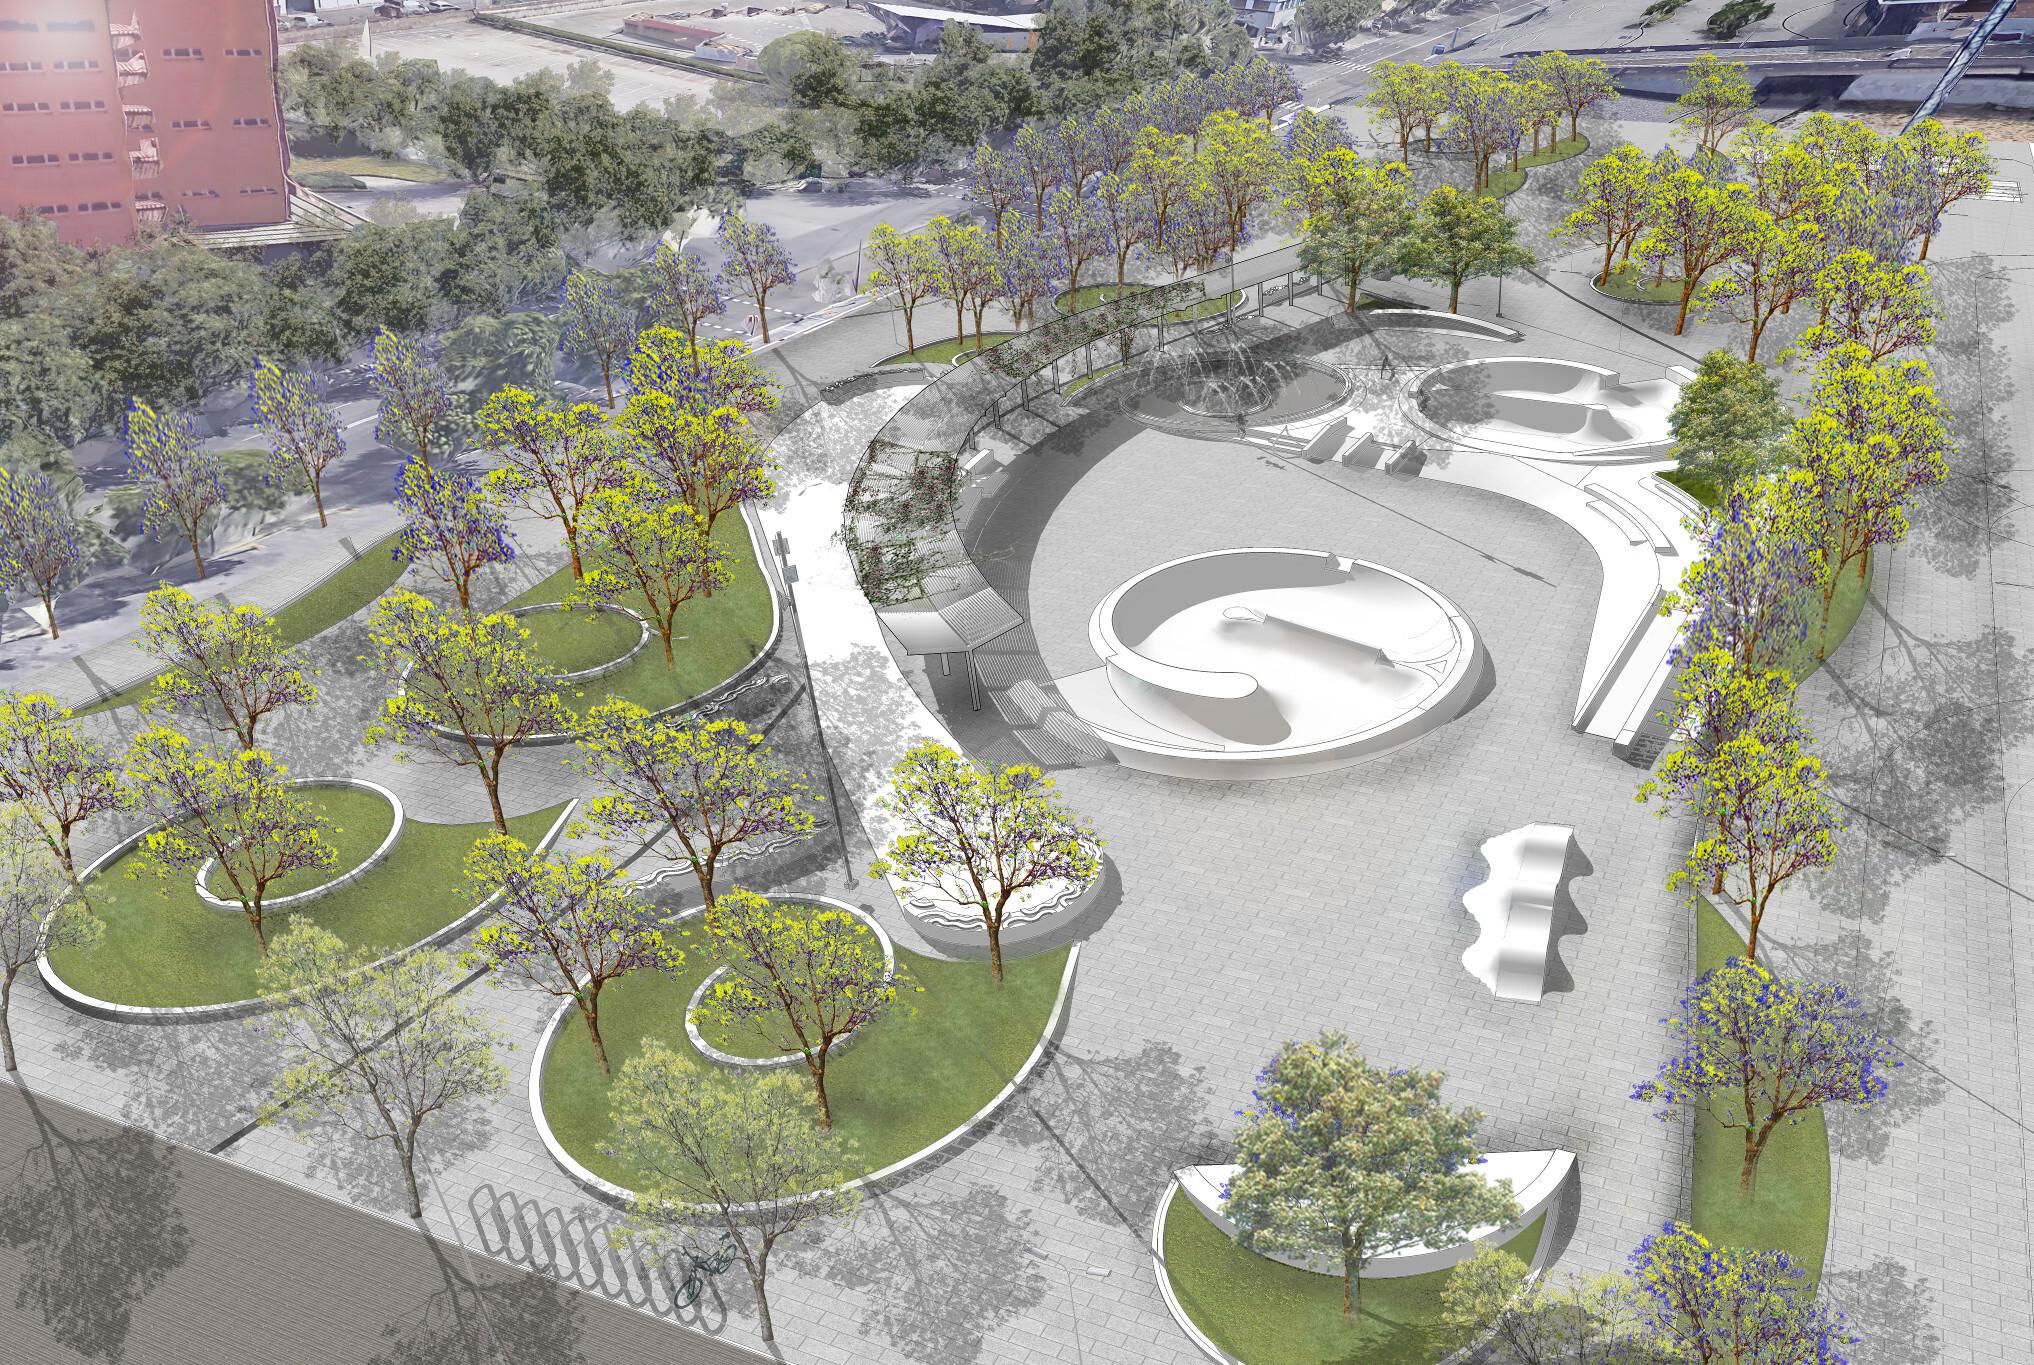 Barcelona tindrà un nou skatepark de 7.000 m2